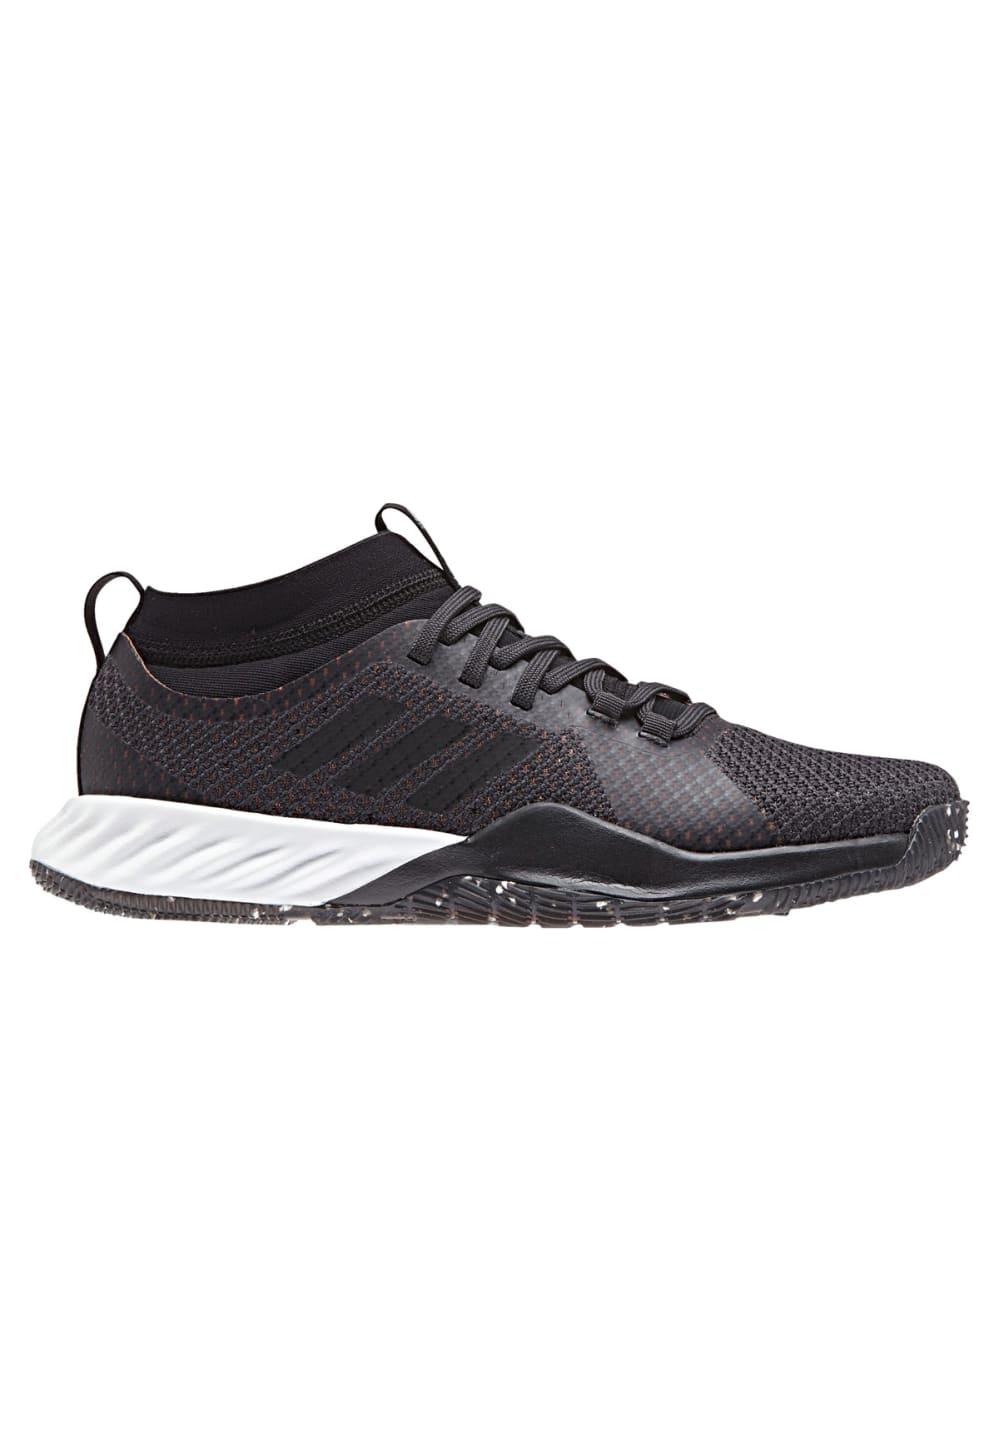 Adidas Damen Adidas Trainers & Fitness Schuhe Deutschland